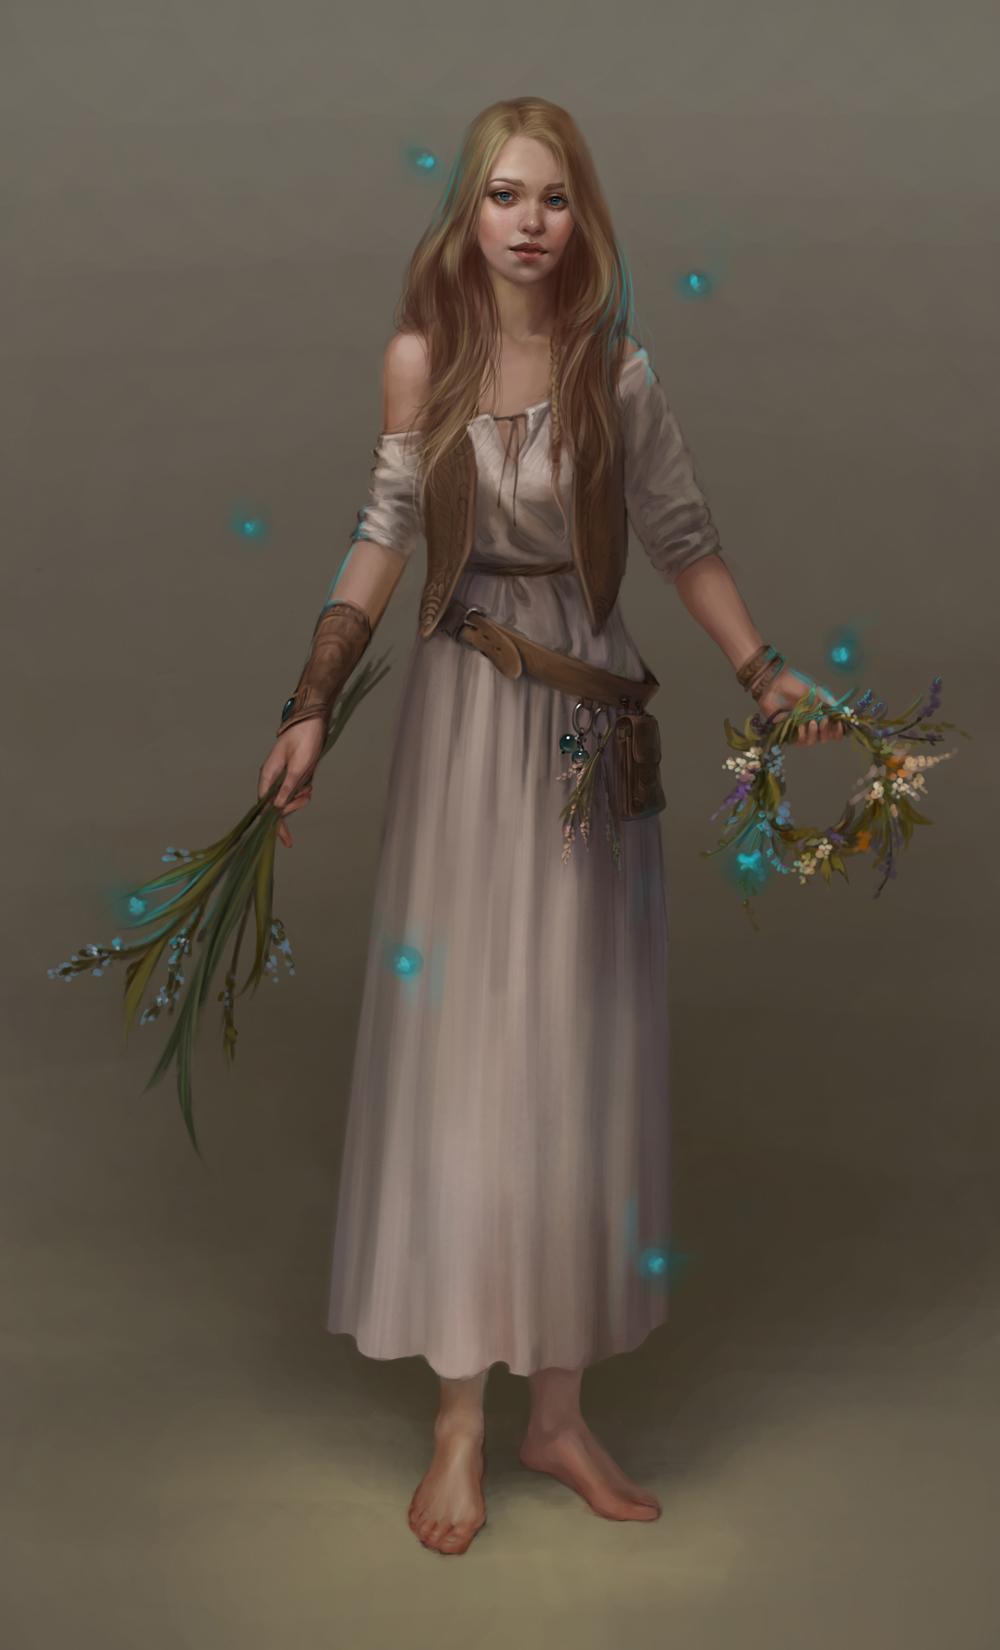 https://orig00.deviantart.net/fe83/f/2013/129/6/e/the_herbalist_by_goran_alena-d64mnqn.jpg